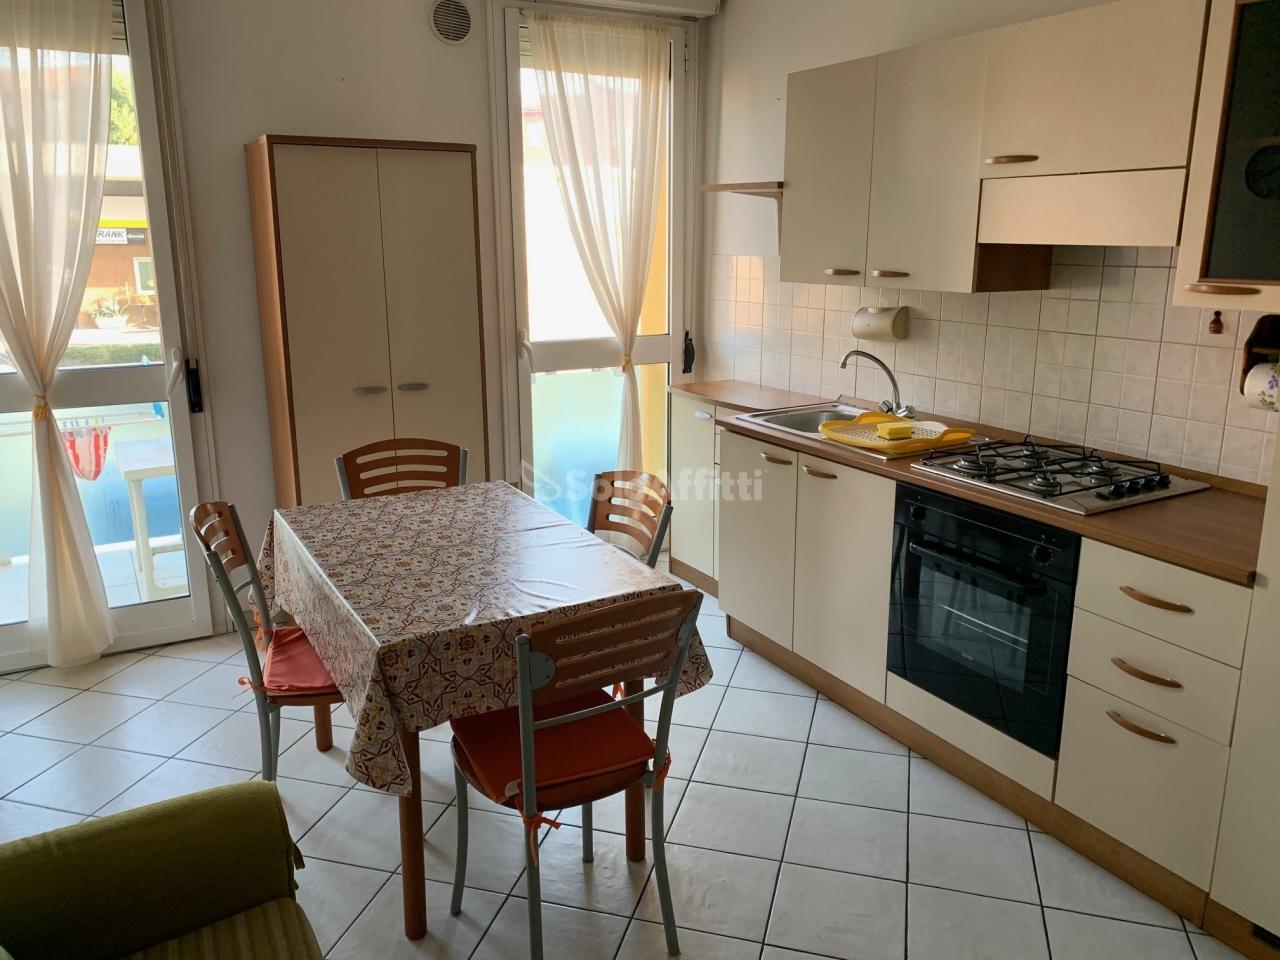 Appartamento in affitto a Cesanella, Senigallia (AN)